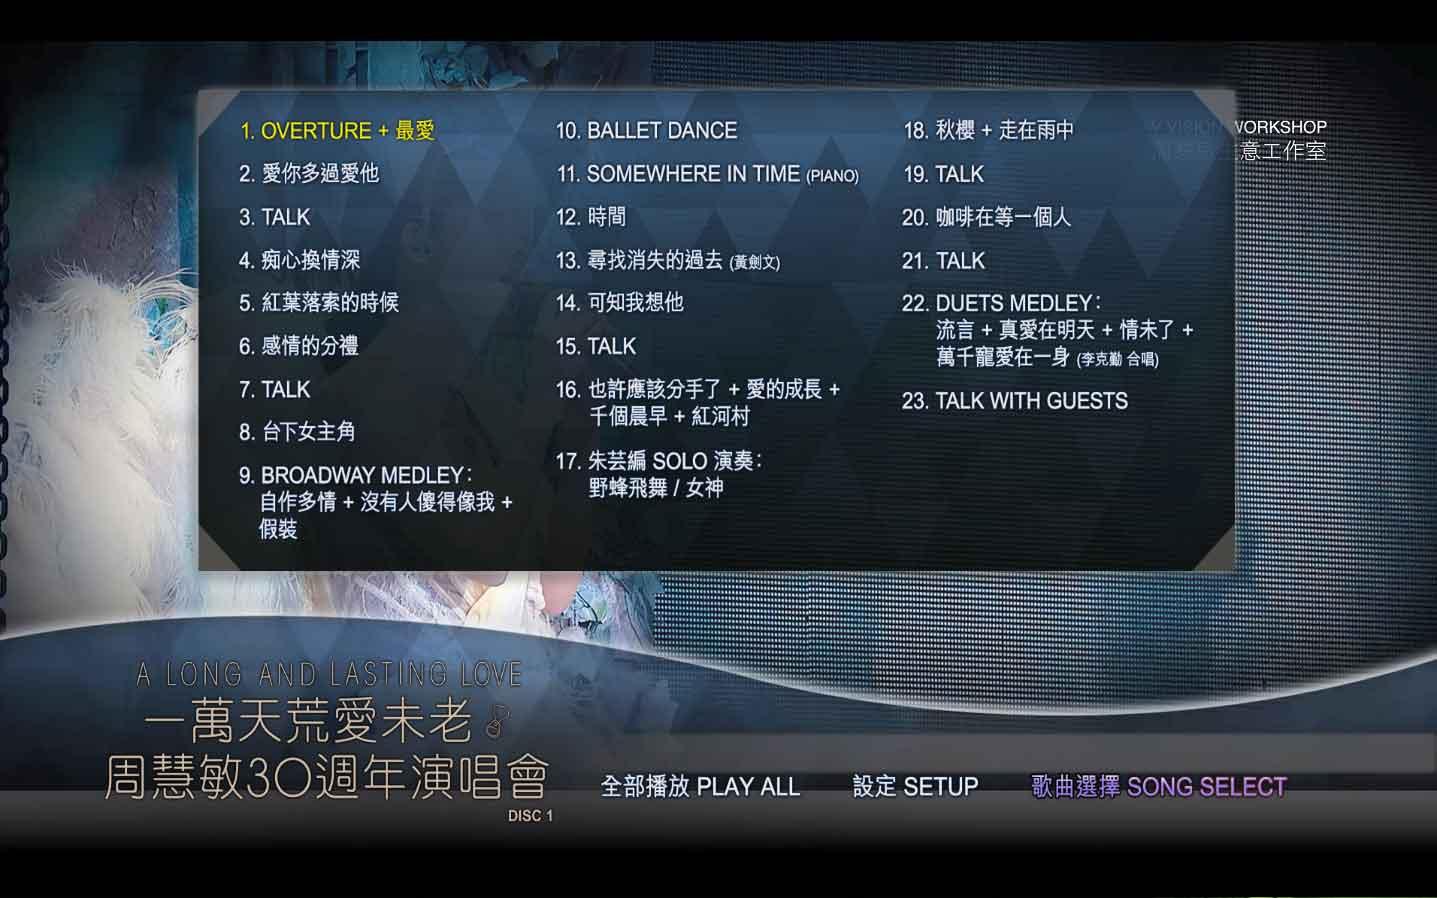 [蓝光原盘] 一万天荒爱未老周慧敏30周年演唱会2018《ISO双碟 69.2G》